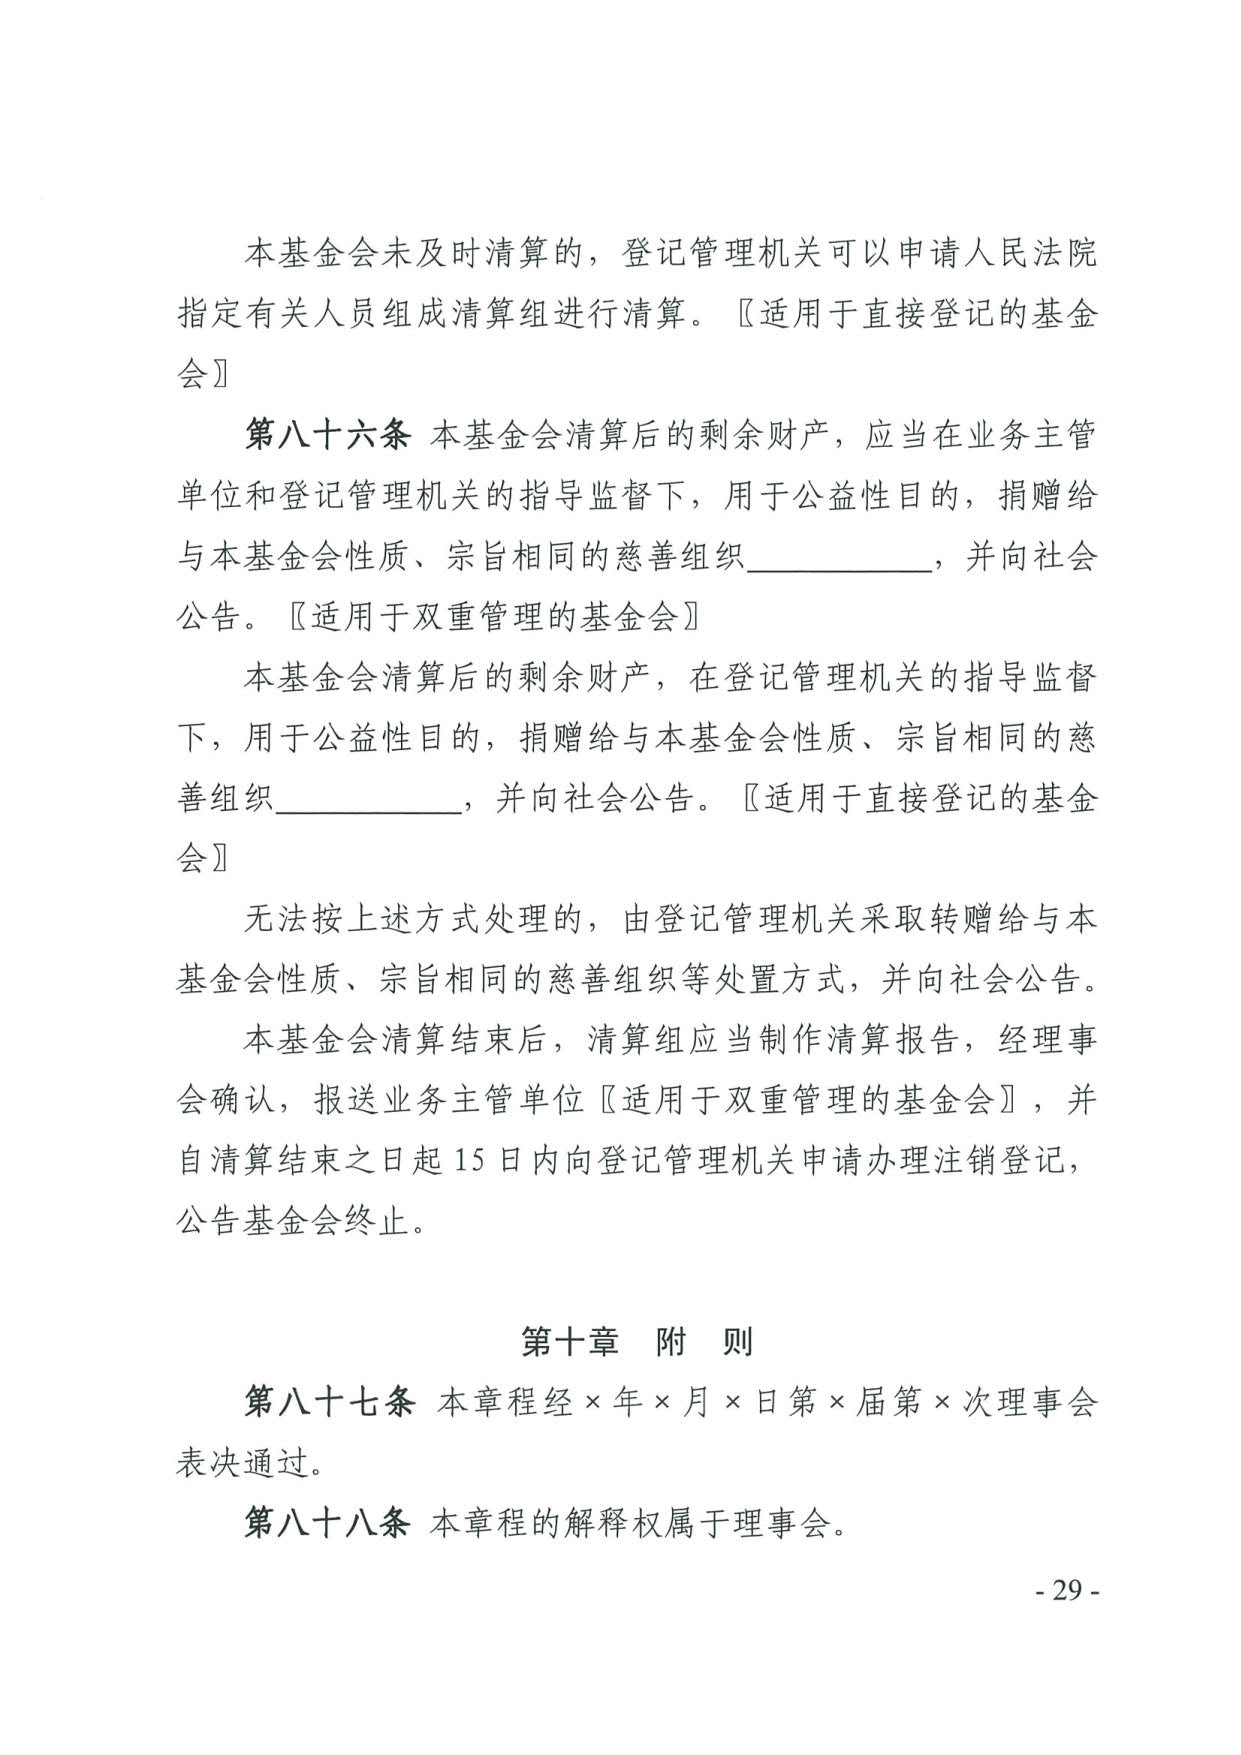 广东省民政厅关于印发《广东省基金会章程示范文本》的通知(4)_29.jpg